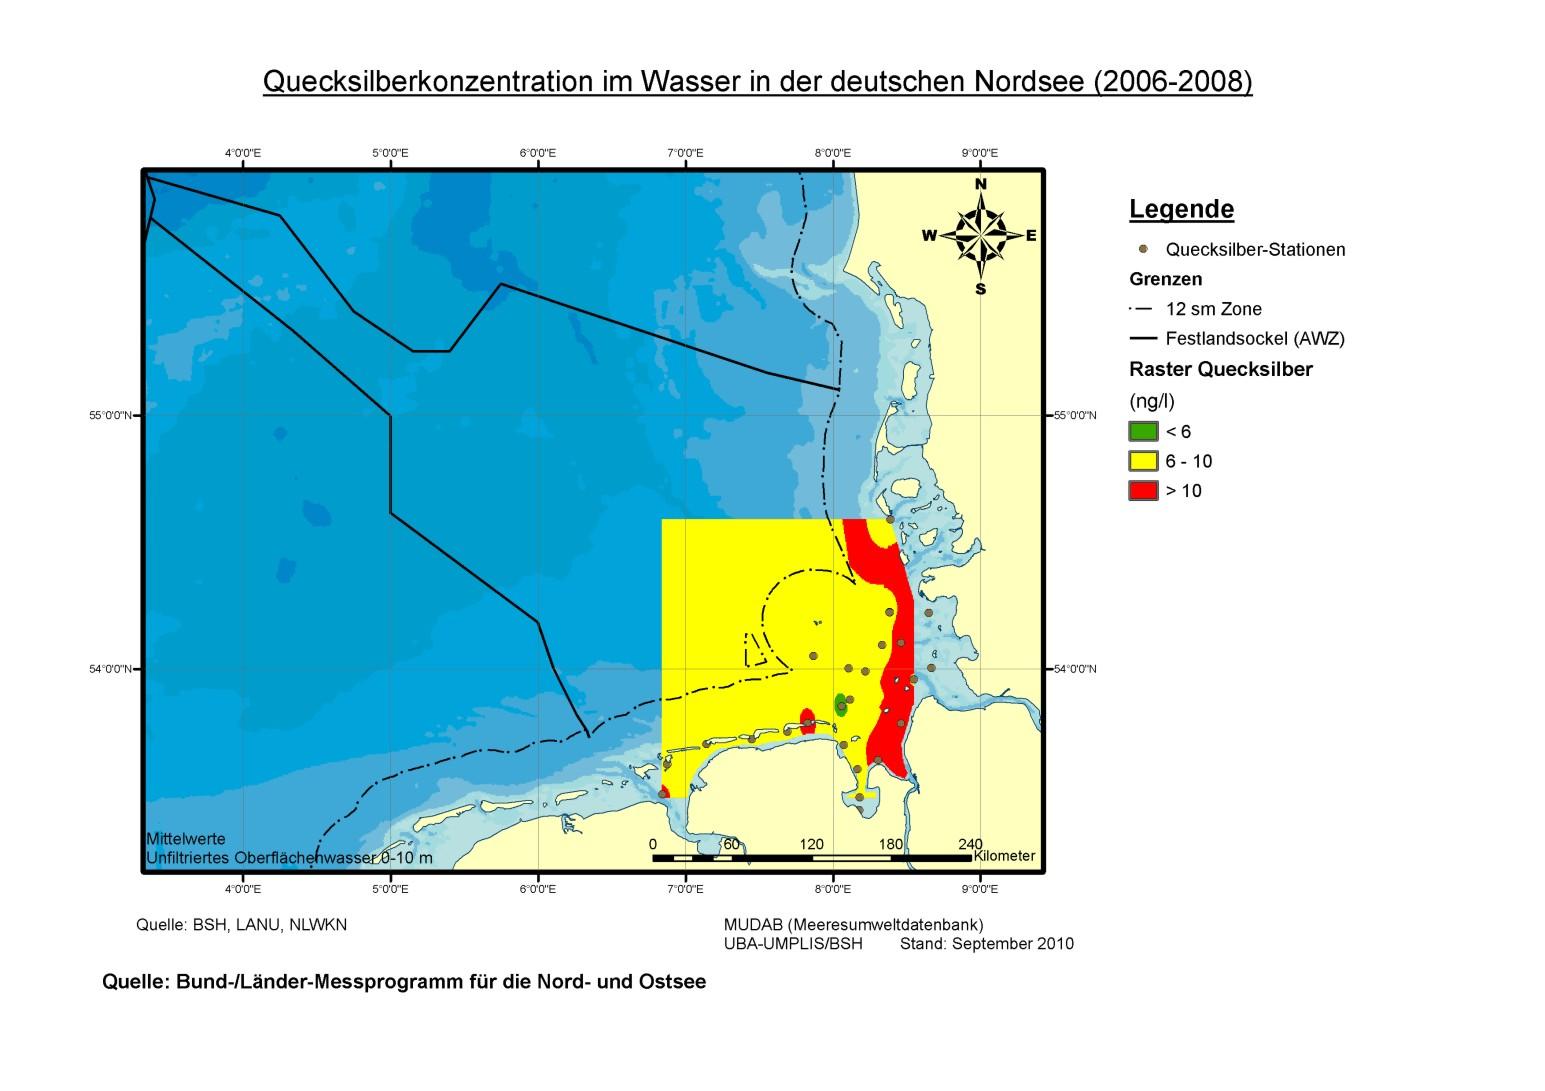 Erhöhte Quecksilberkonzentrationen wurden in den Jahren 2006 bis 2008 vor allem im Bereich der Elbe-Abflussfahne gemessen. Die Konzentration betrug dort mehr als zehn Nanogramm Quecksilber pro Liter Wasser.